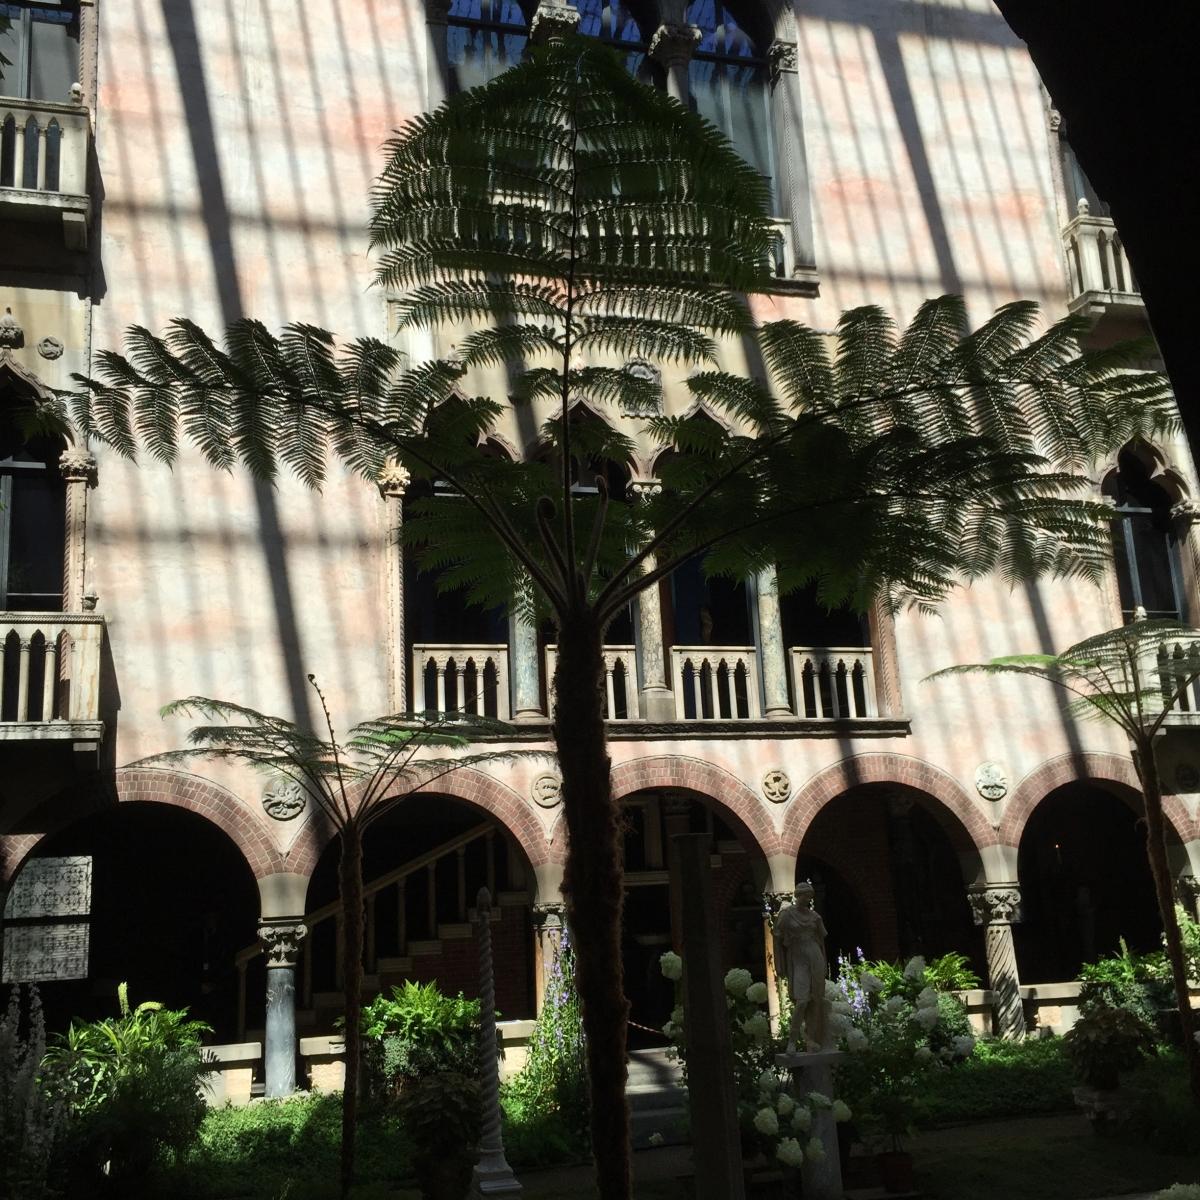 courtyard-fern-isabella-stewart-gardner